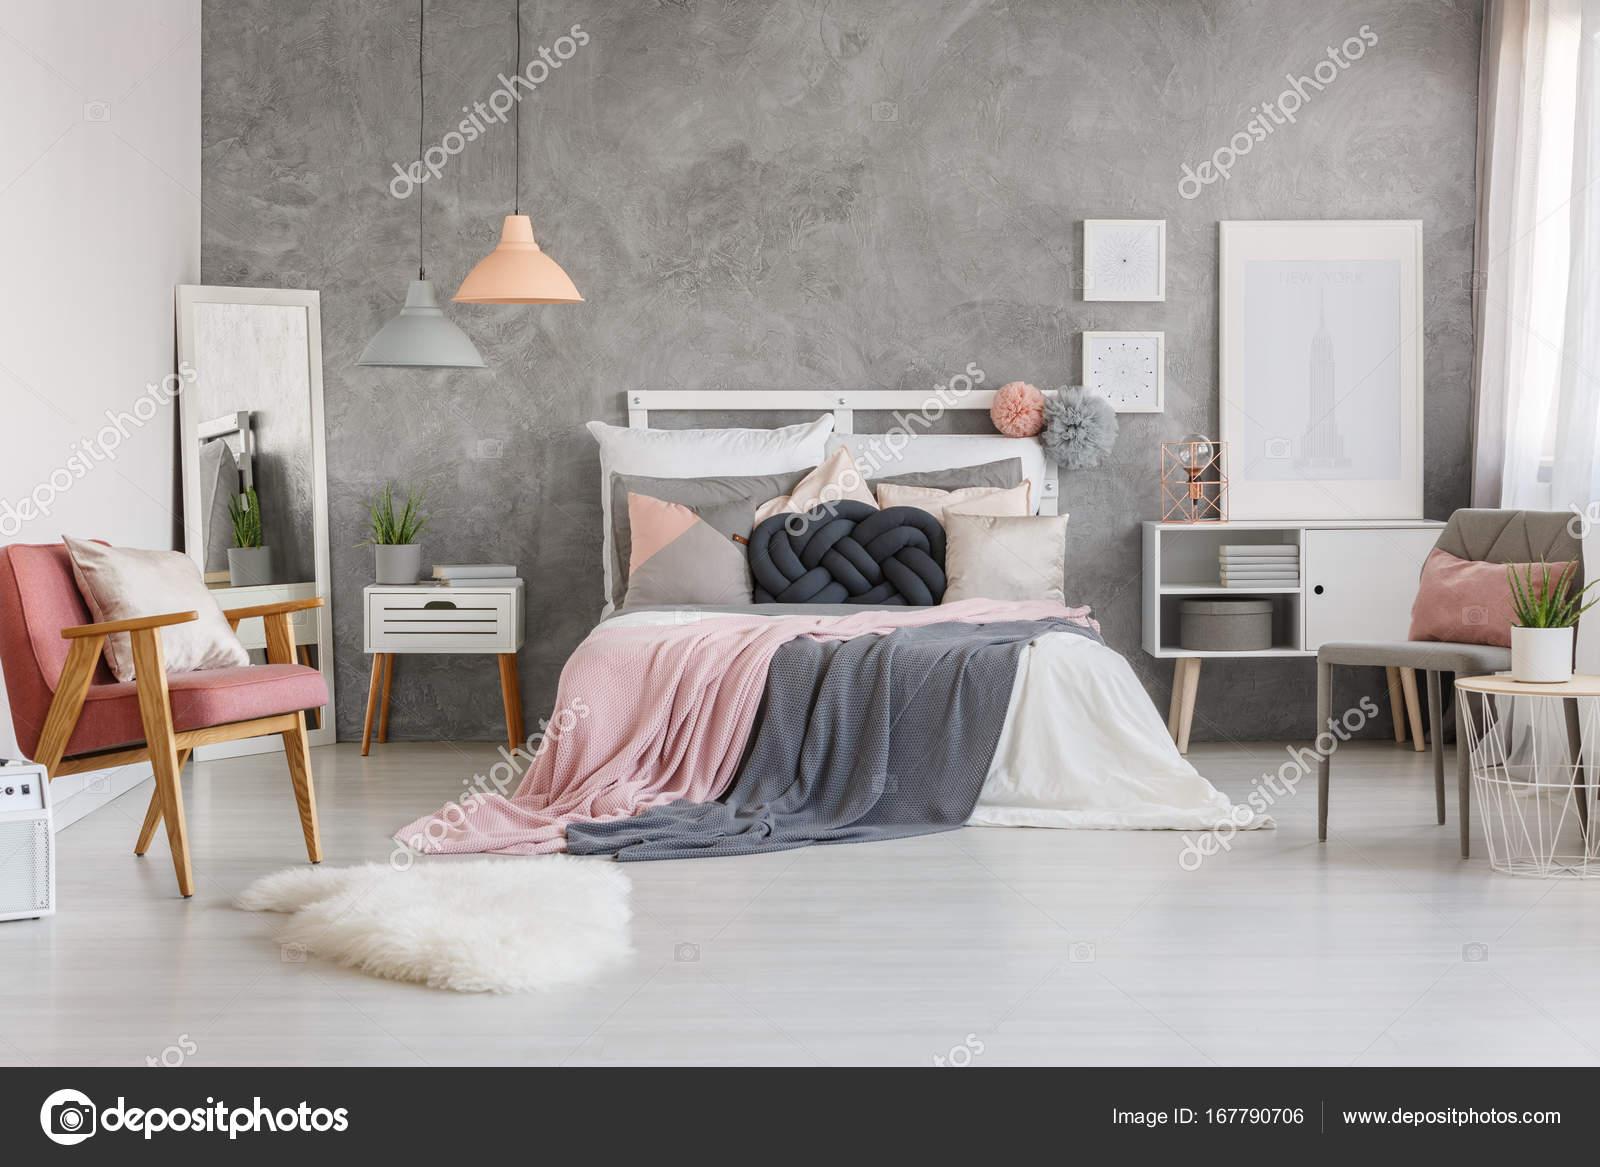 Slaapkamer Grijs Roze : Schattig slaapkamer met poeder roze u stockfoto photographee eu